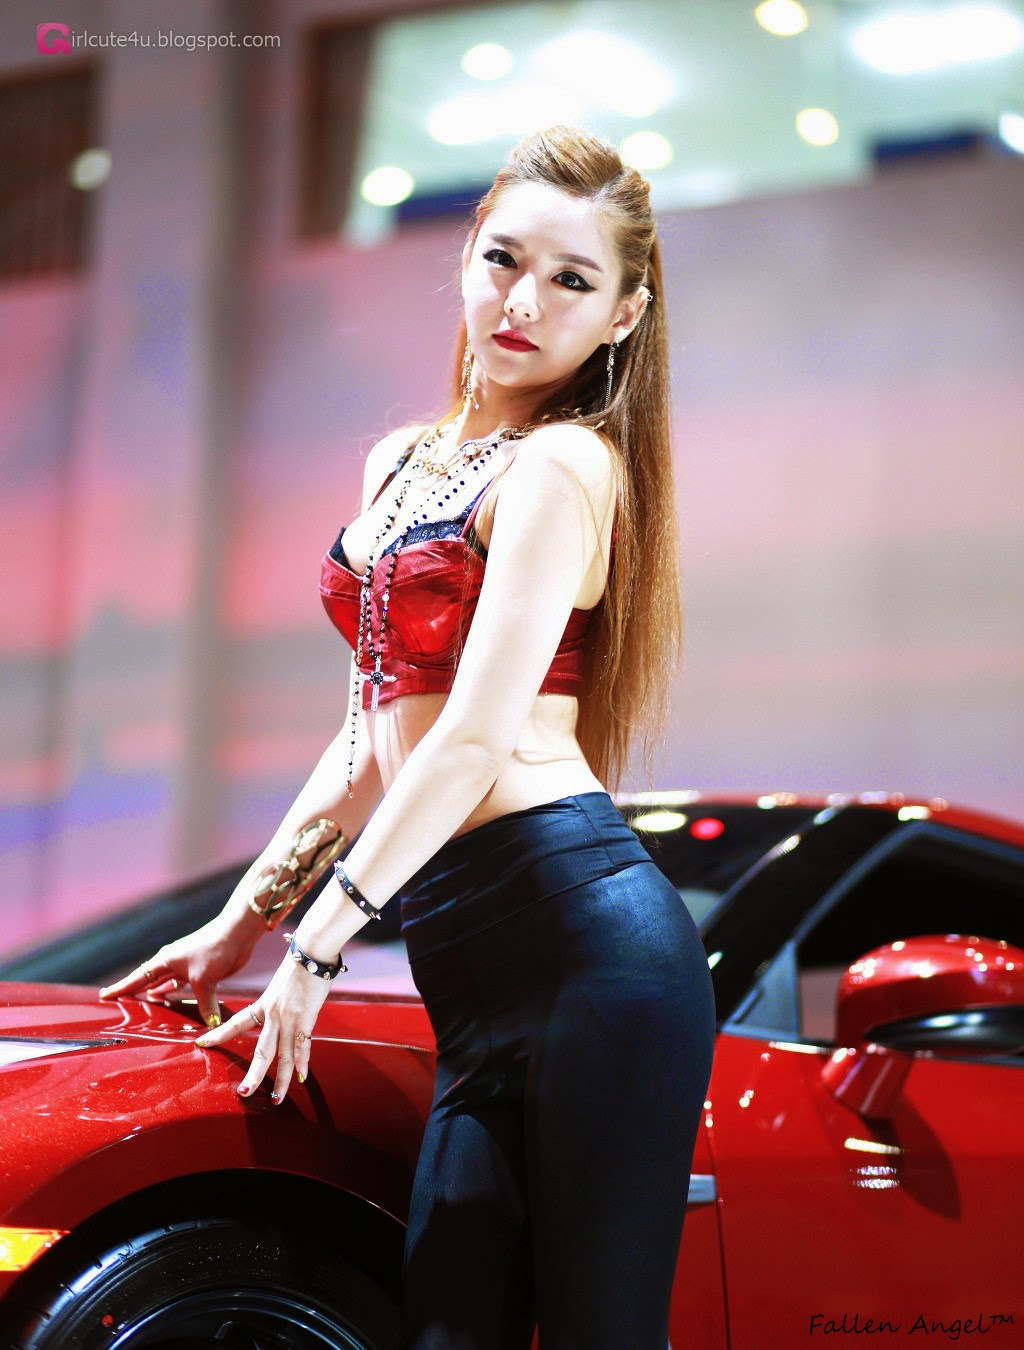 3 Yu Jin - BIMOS 2014 - very cute asian girl-girlcute4u.blogspot.com